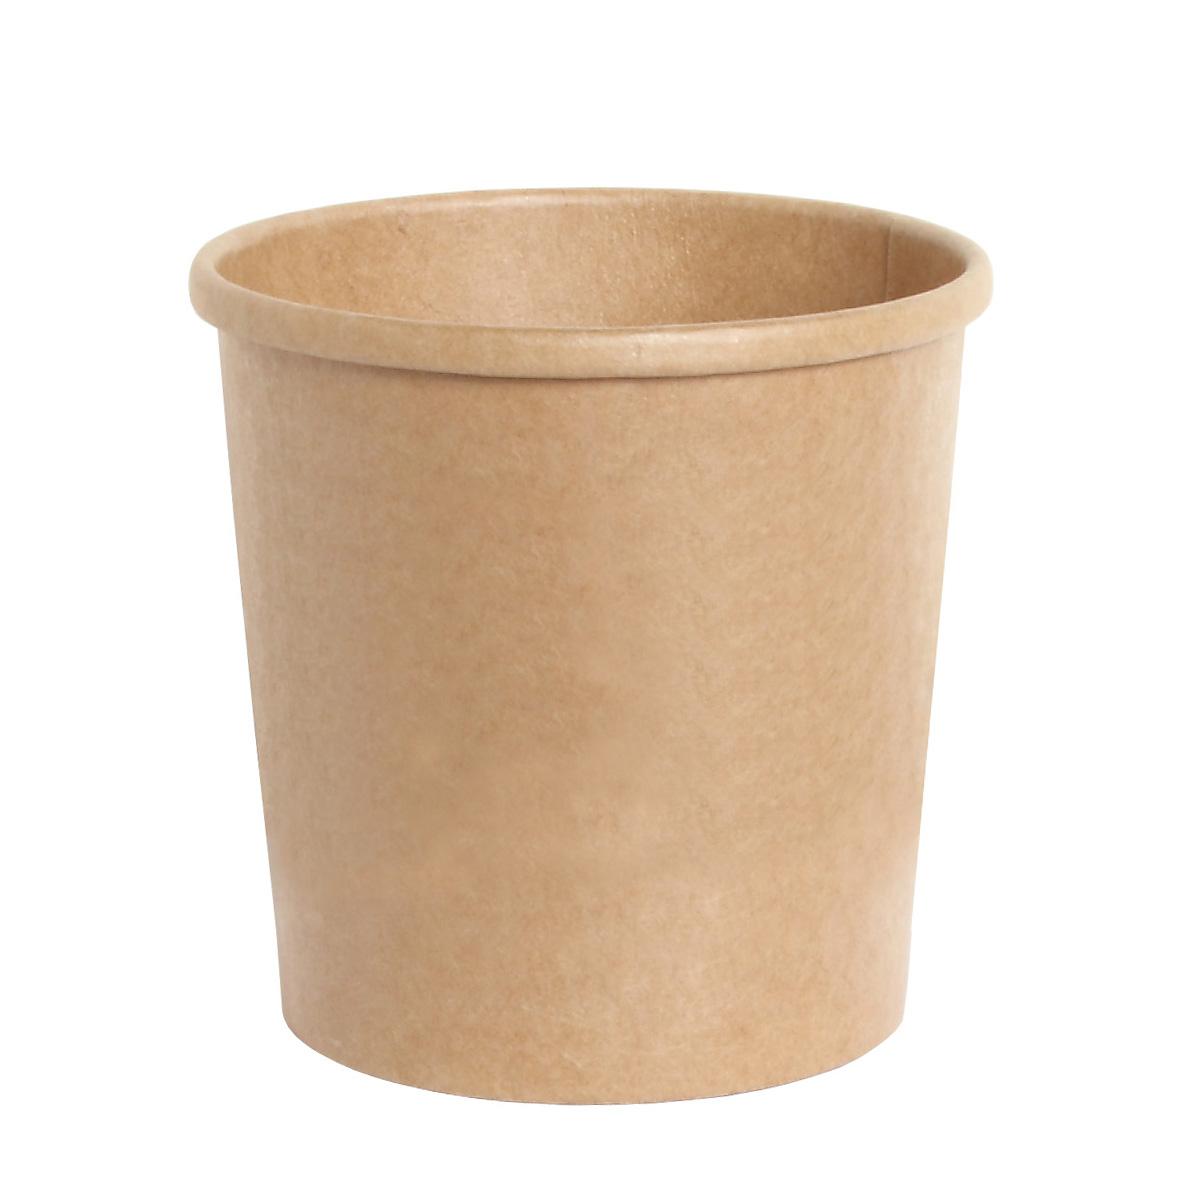 容量:380ml フードカップ 国内正規品 使い捨て おしゃれな茶色の容器です UBP 12oz スープカップ 380ml 1000個 国内正規品 未晒カップ